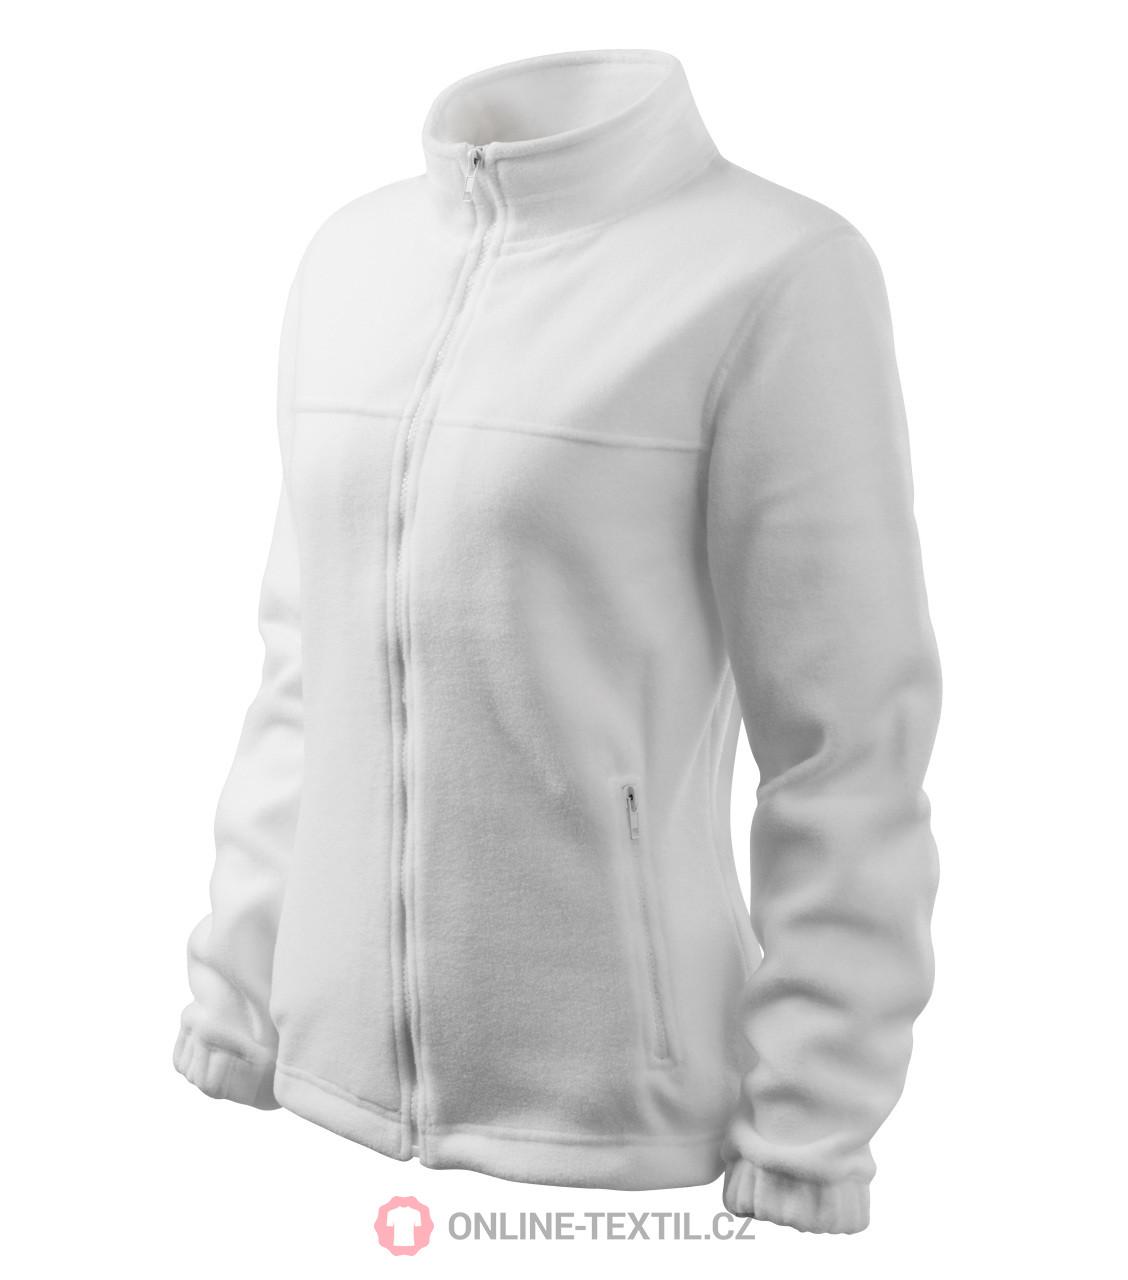 9c024b3cf078 ADLER CZECH Dámská fleece bunda mikina Fleece Jacket 504 - bílá z ...